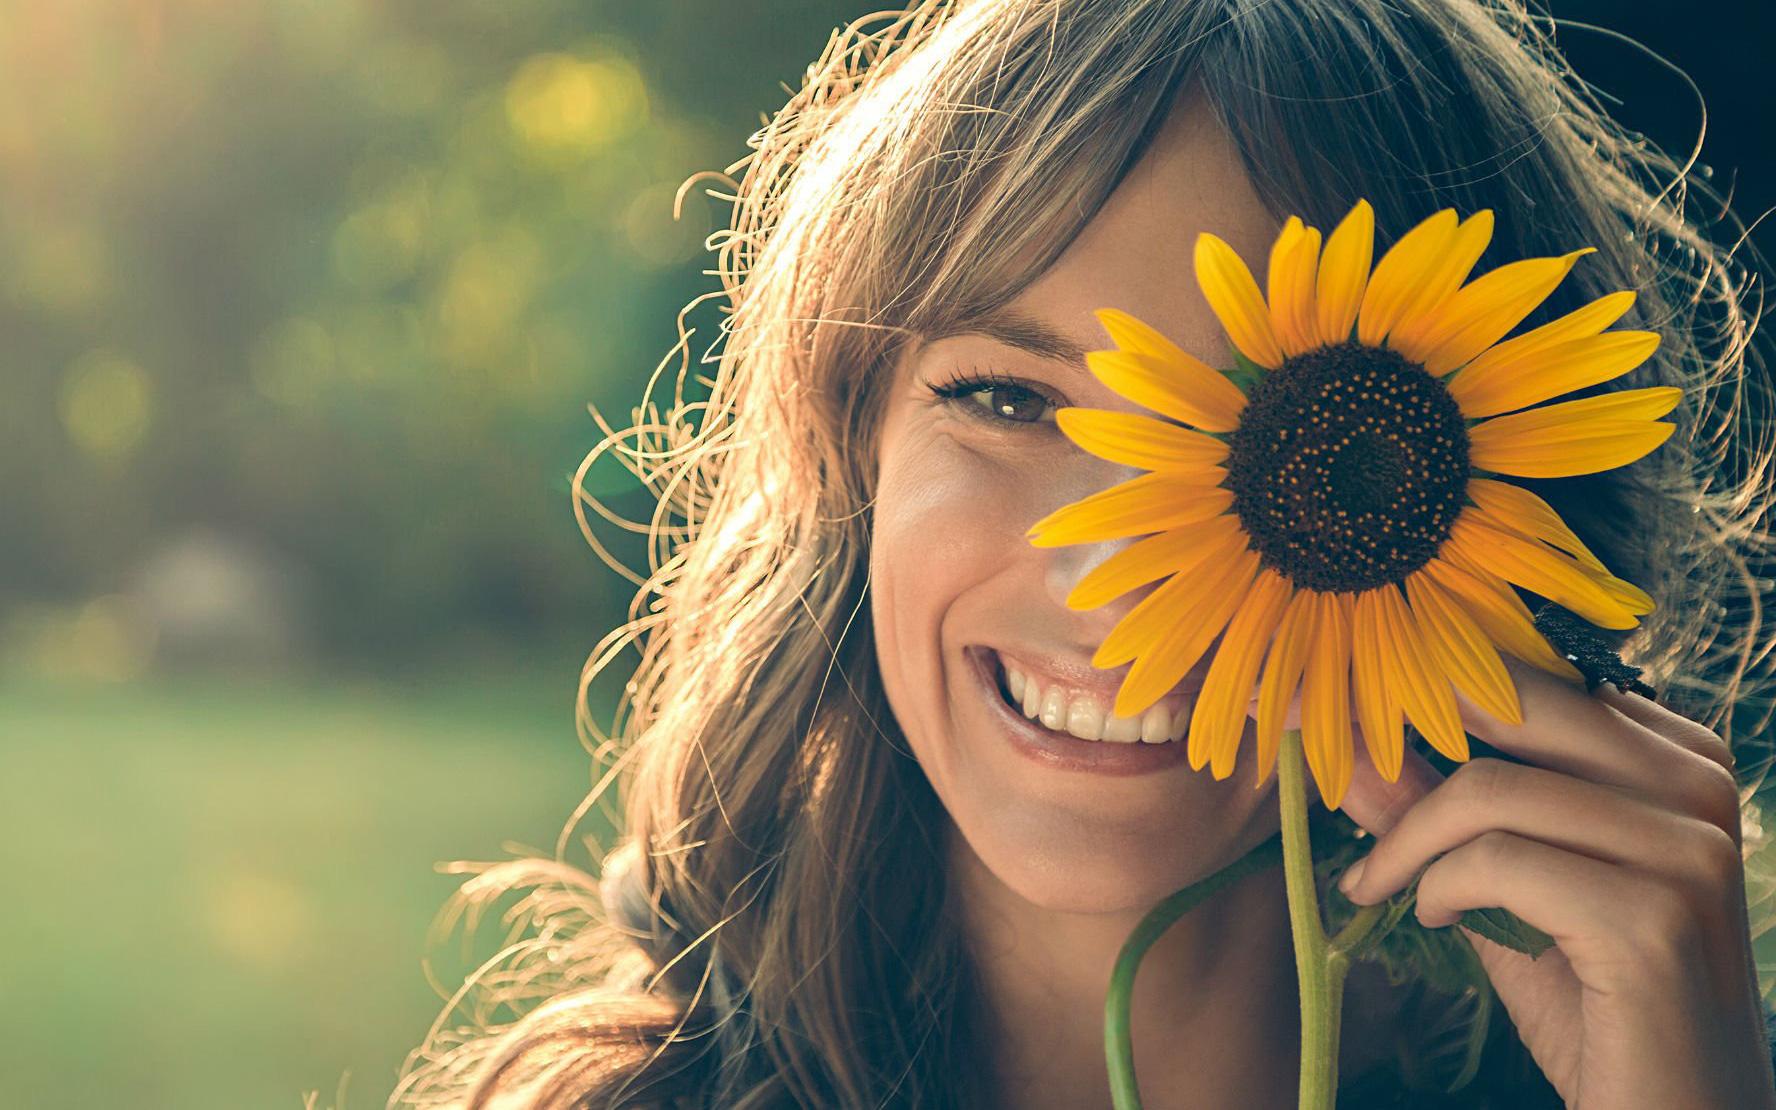 Làm ngay 10 việc đơn giản này để mỗi ngày đều tràn đầy niềm vui và thật ý nghĩa